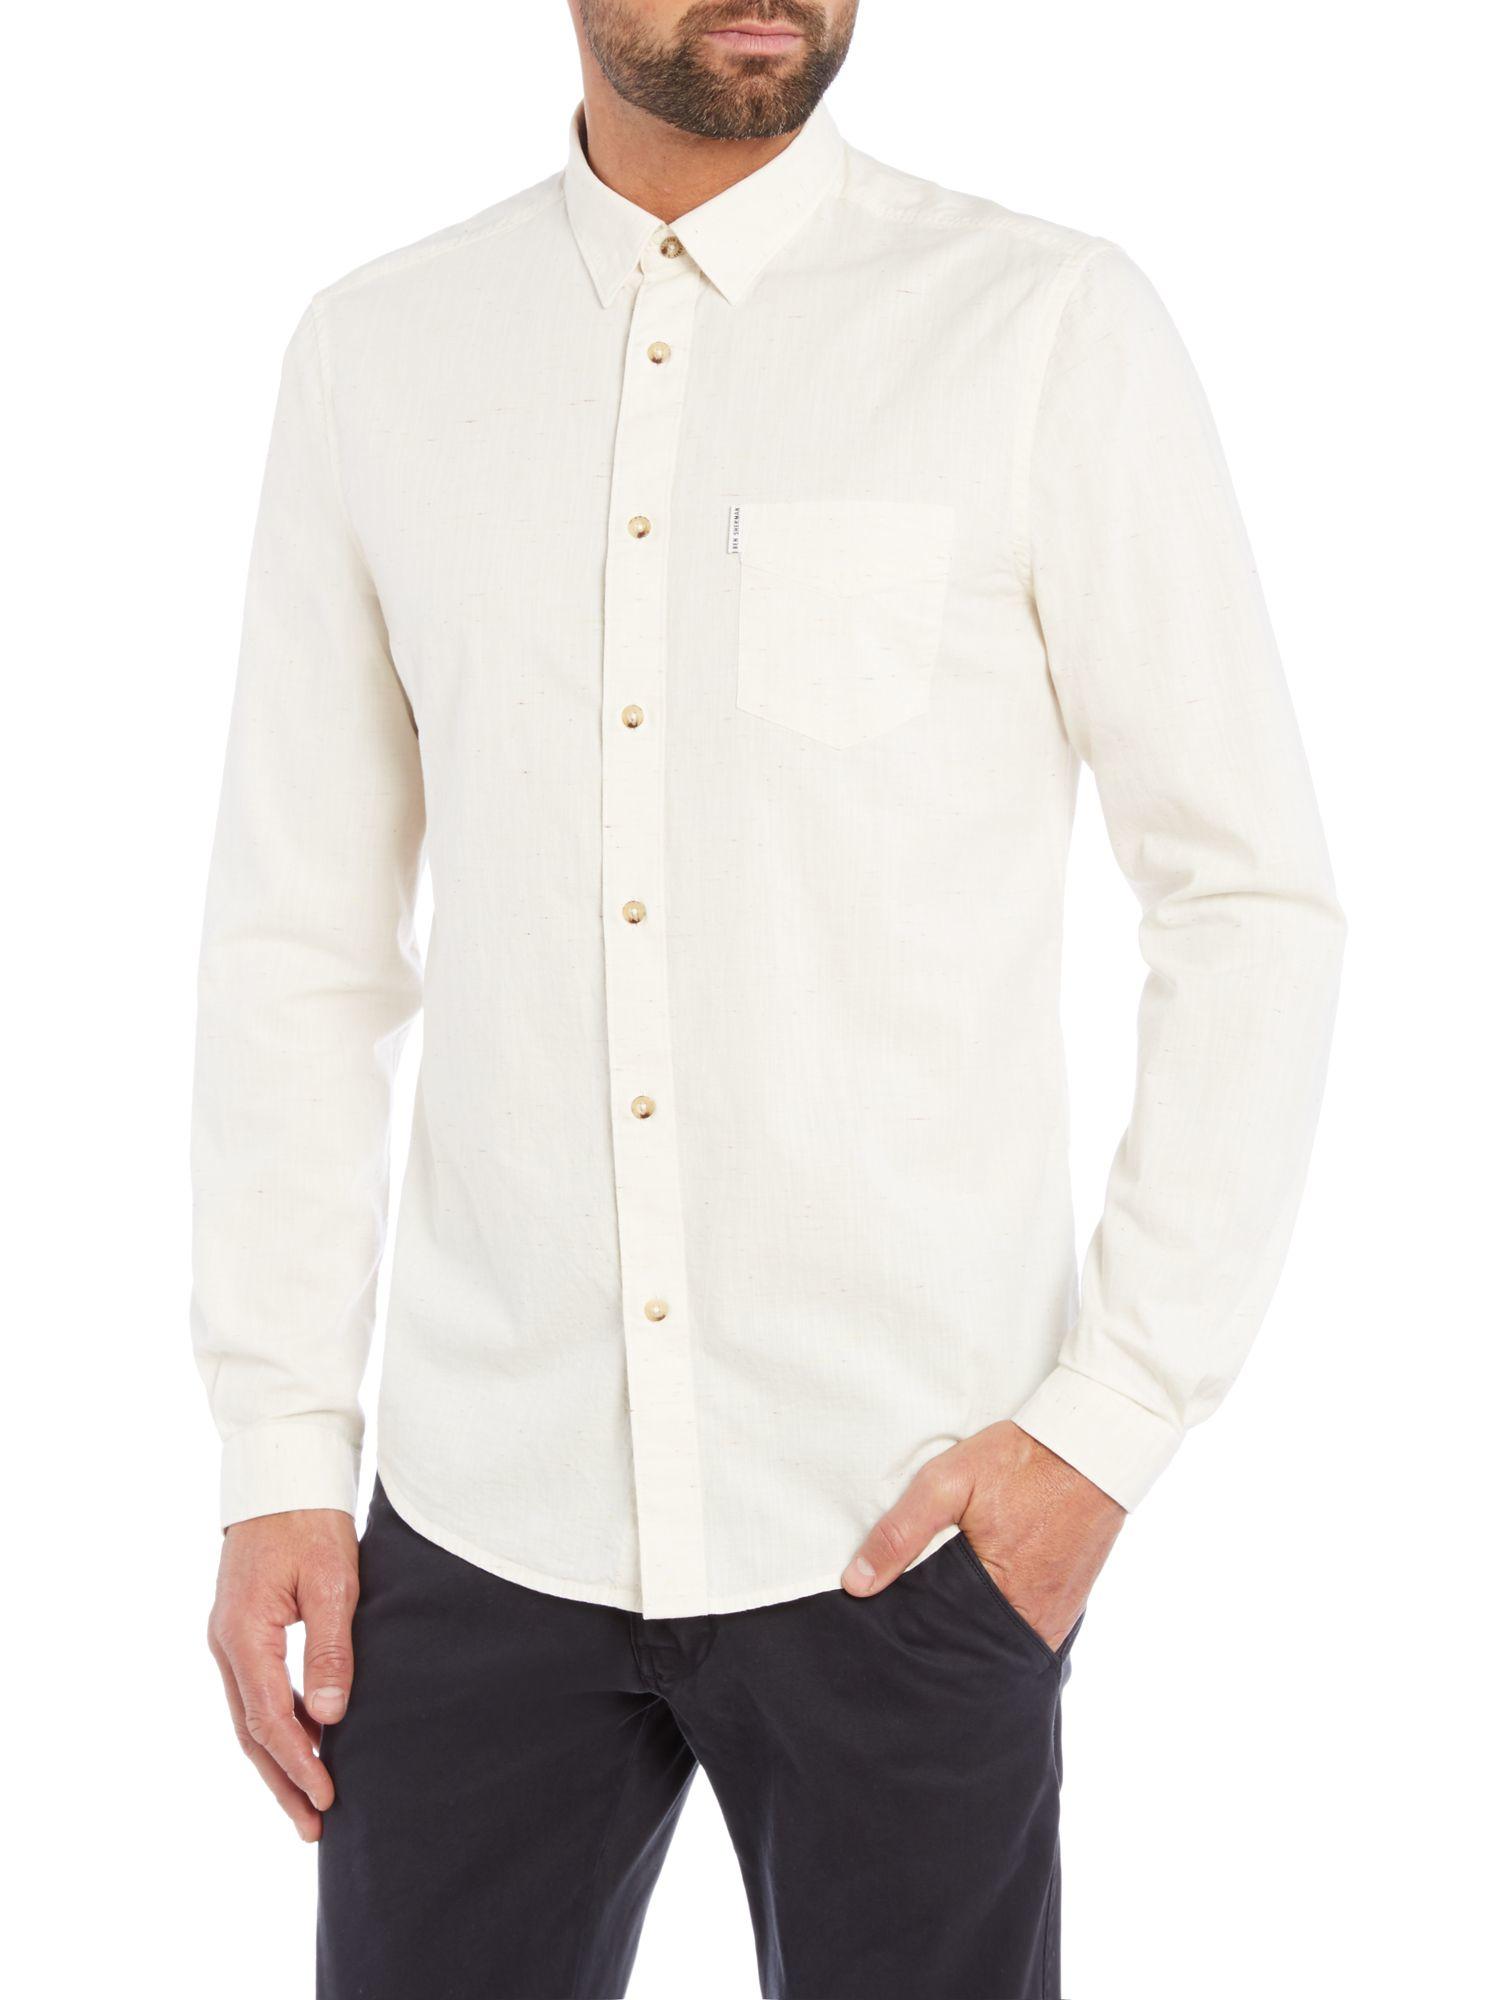 Plain White Button Down Shirt - Greek T Shirts